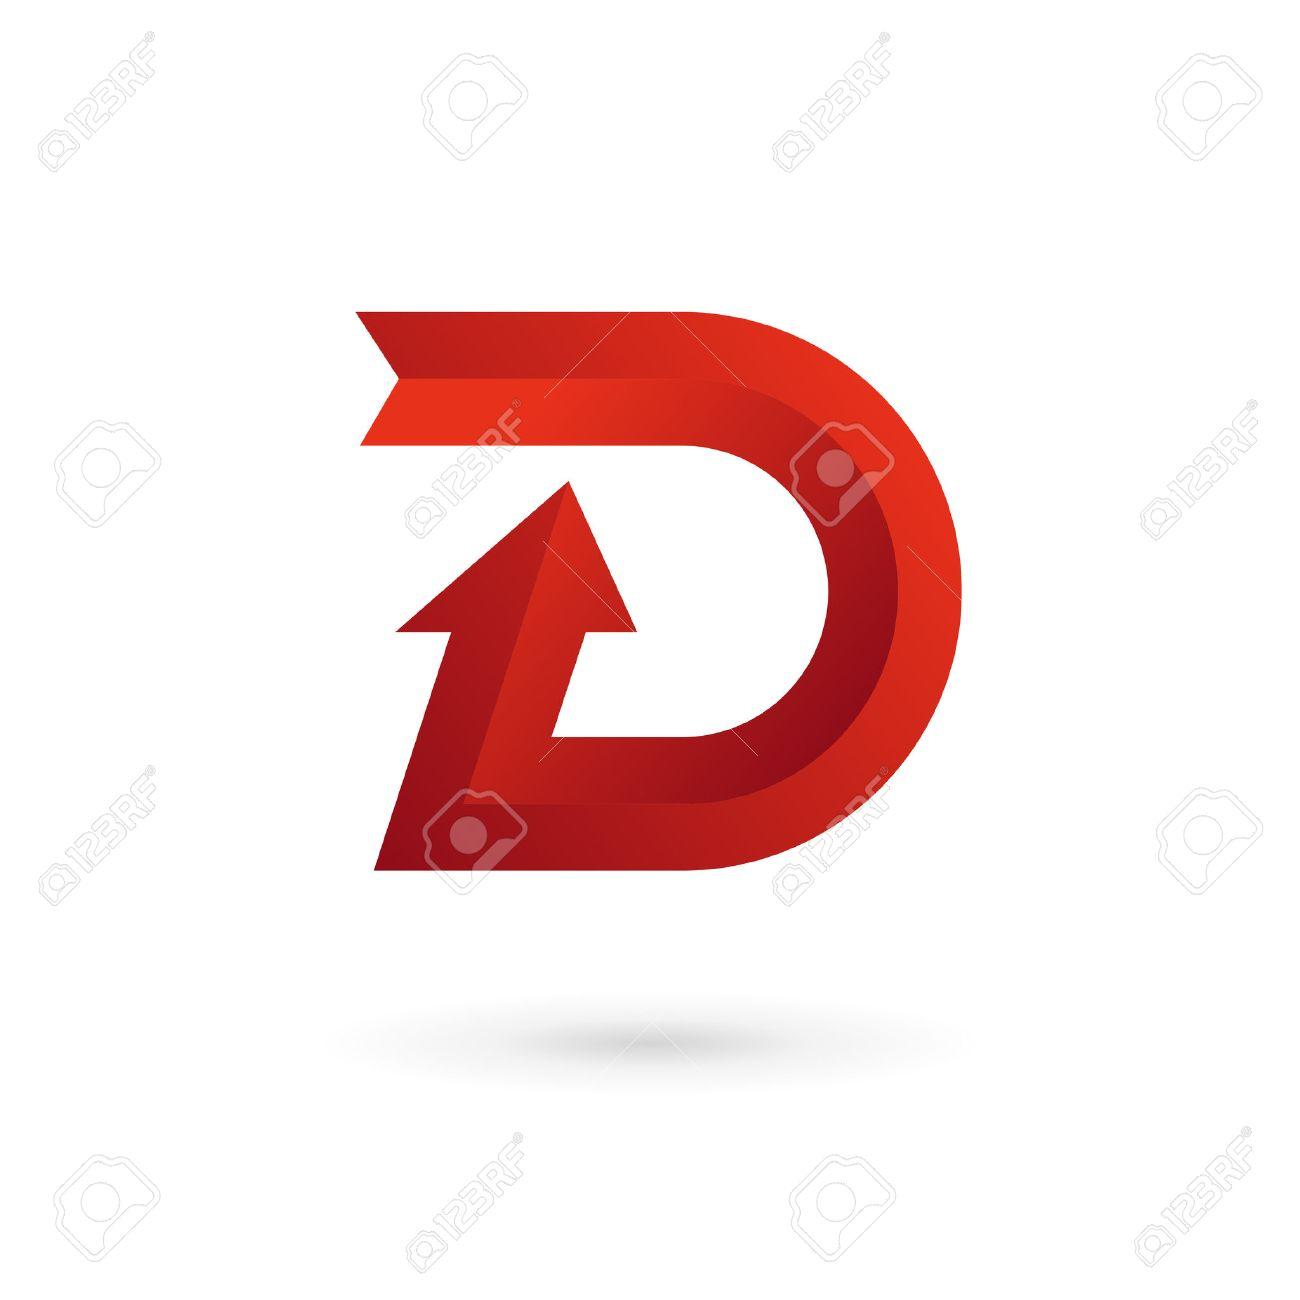 Как сделать знак с буквой о